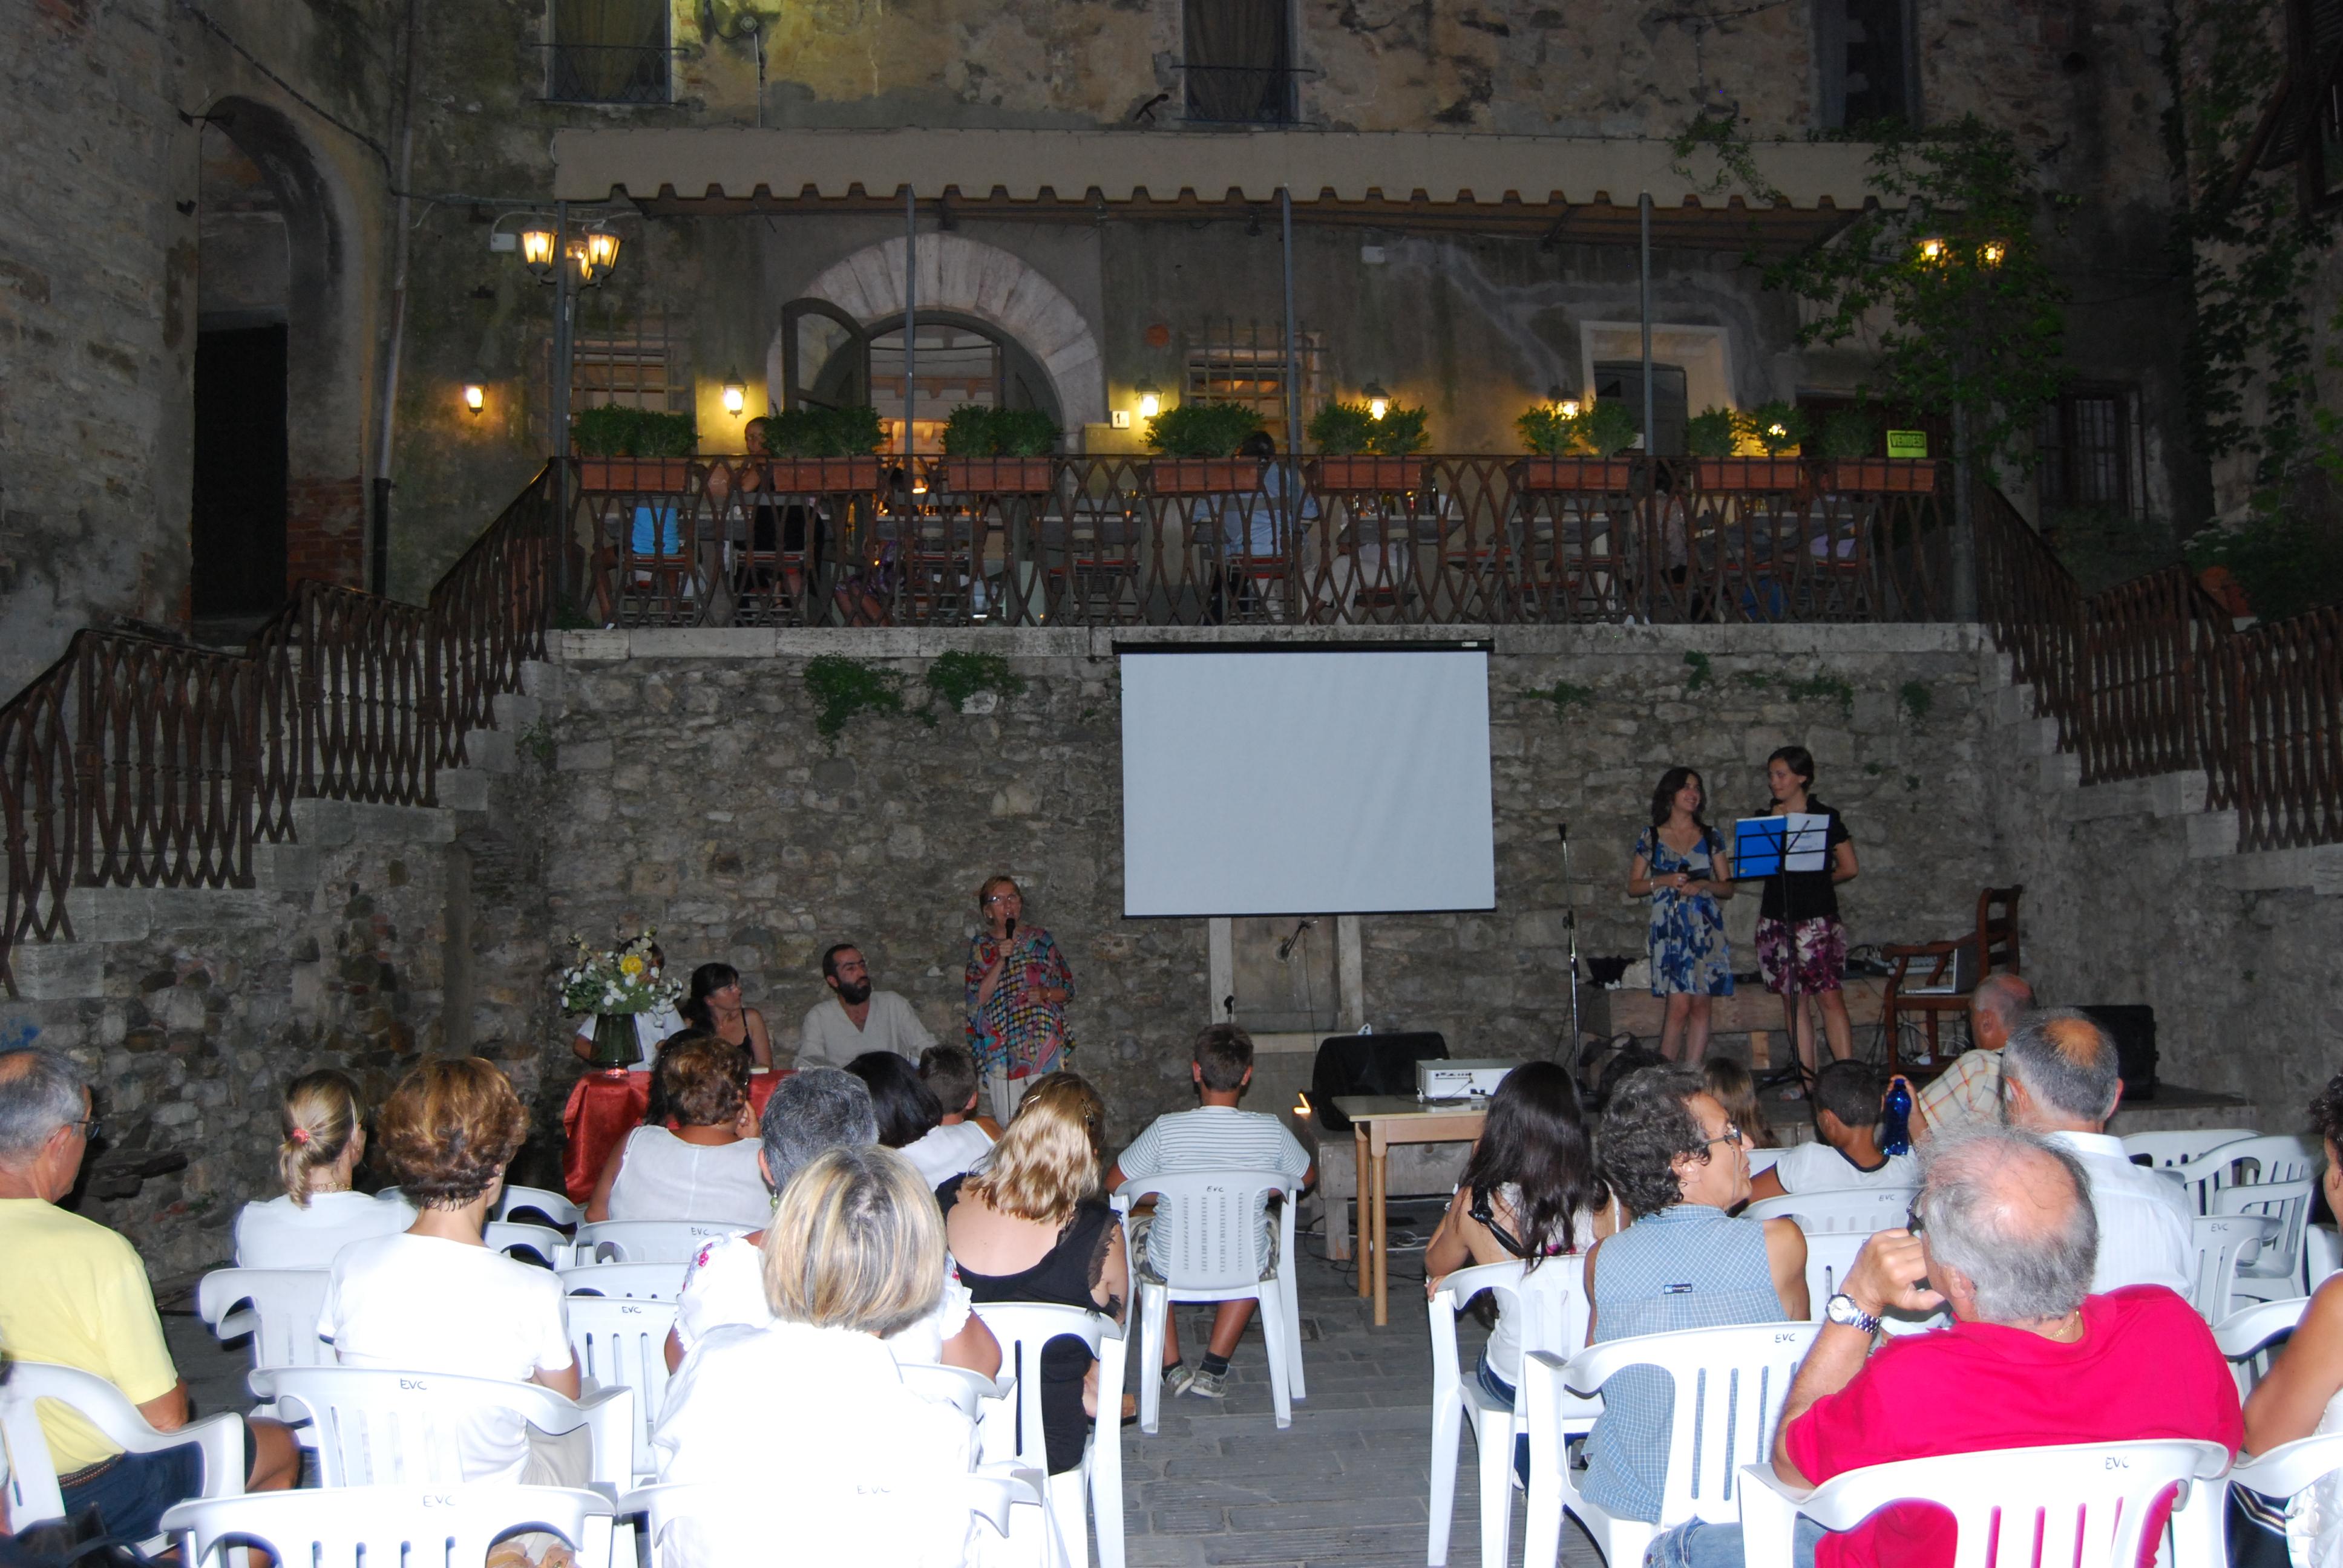 I libri e l'estate: incontri culturali nei borghi toscani, qui siamo a Suvereto